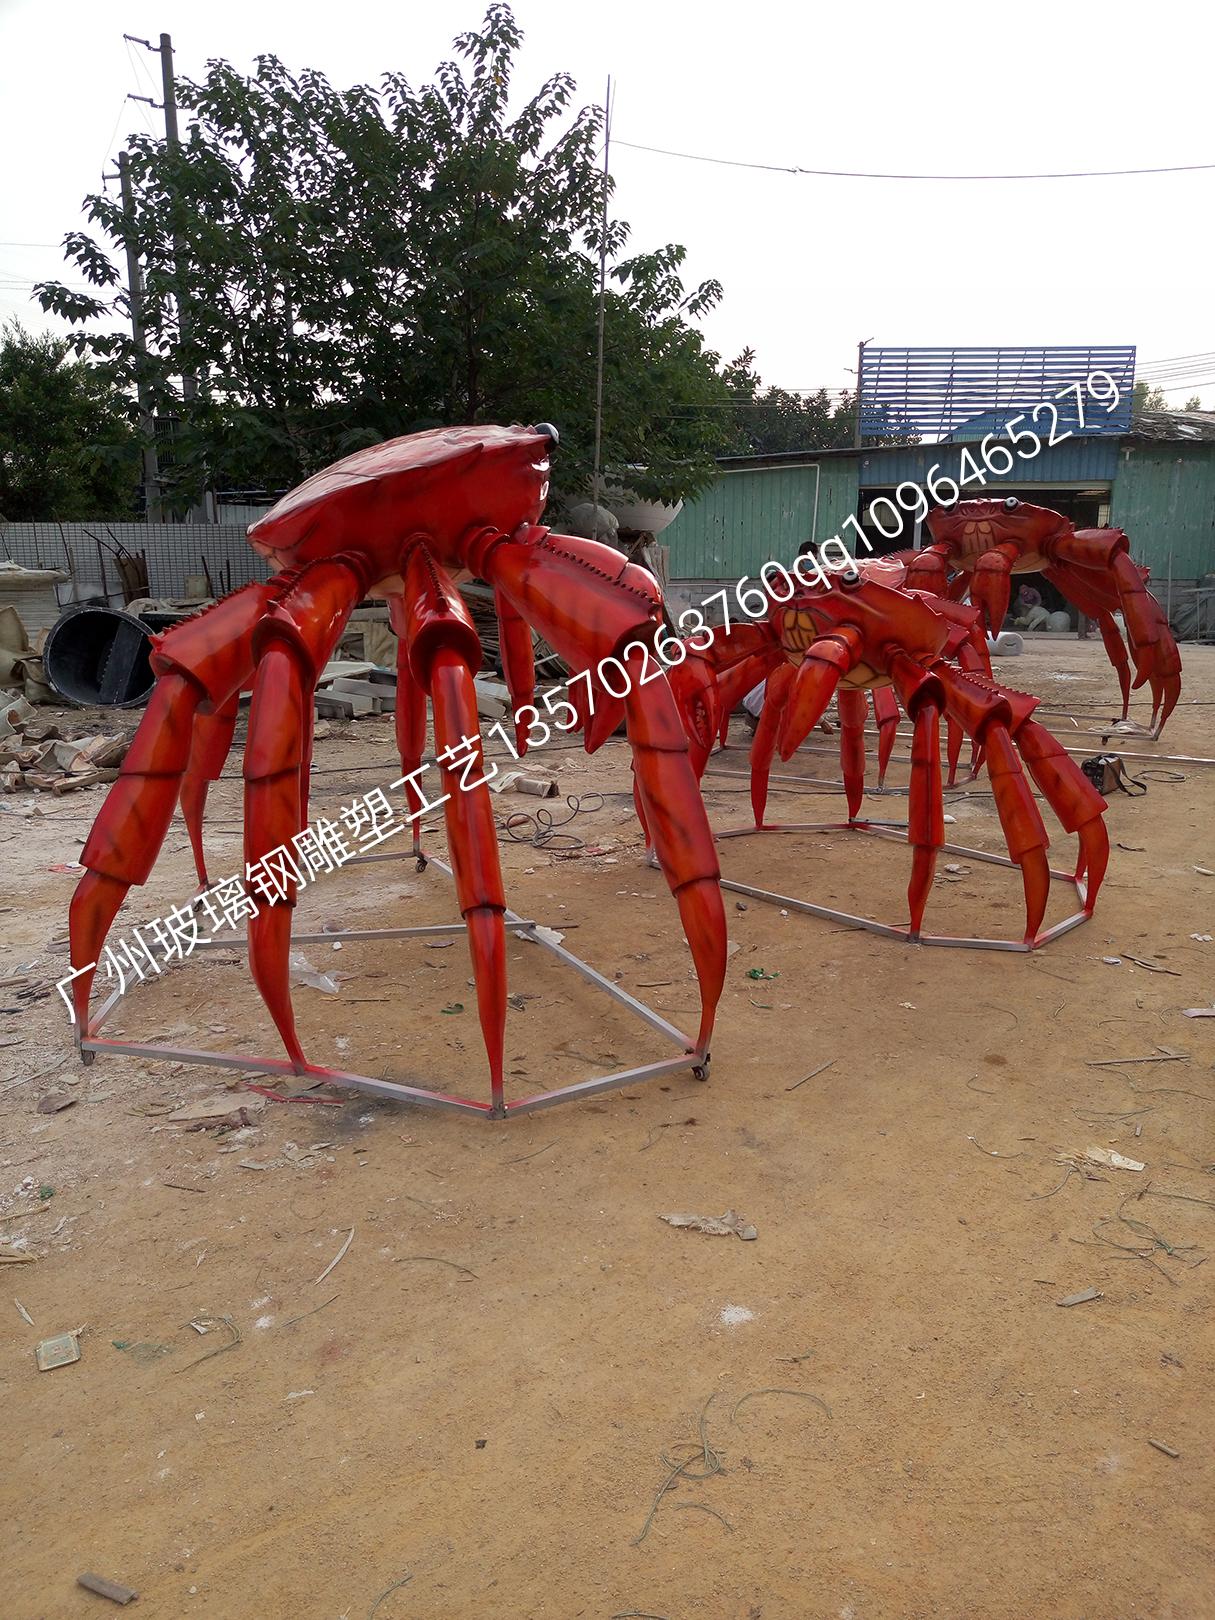 仿真动物雕塑  广州3D动物雕塑价格  广州雕塑展览销售 cosplay雕塑模型